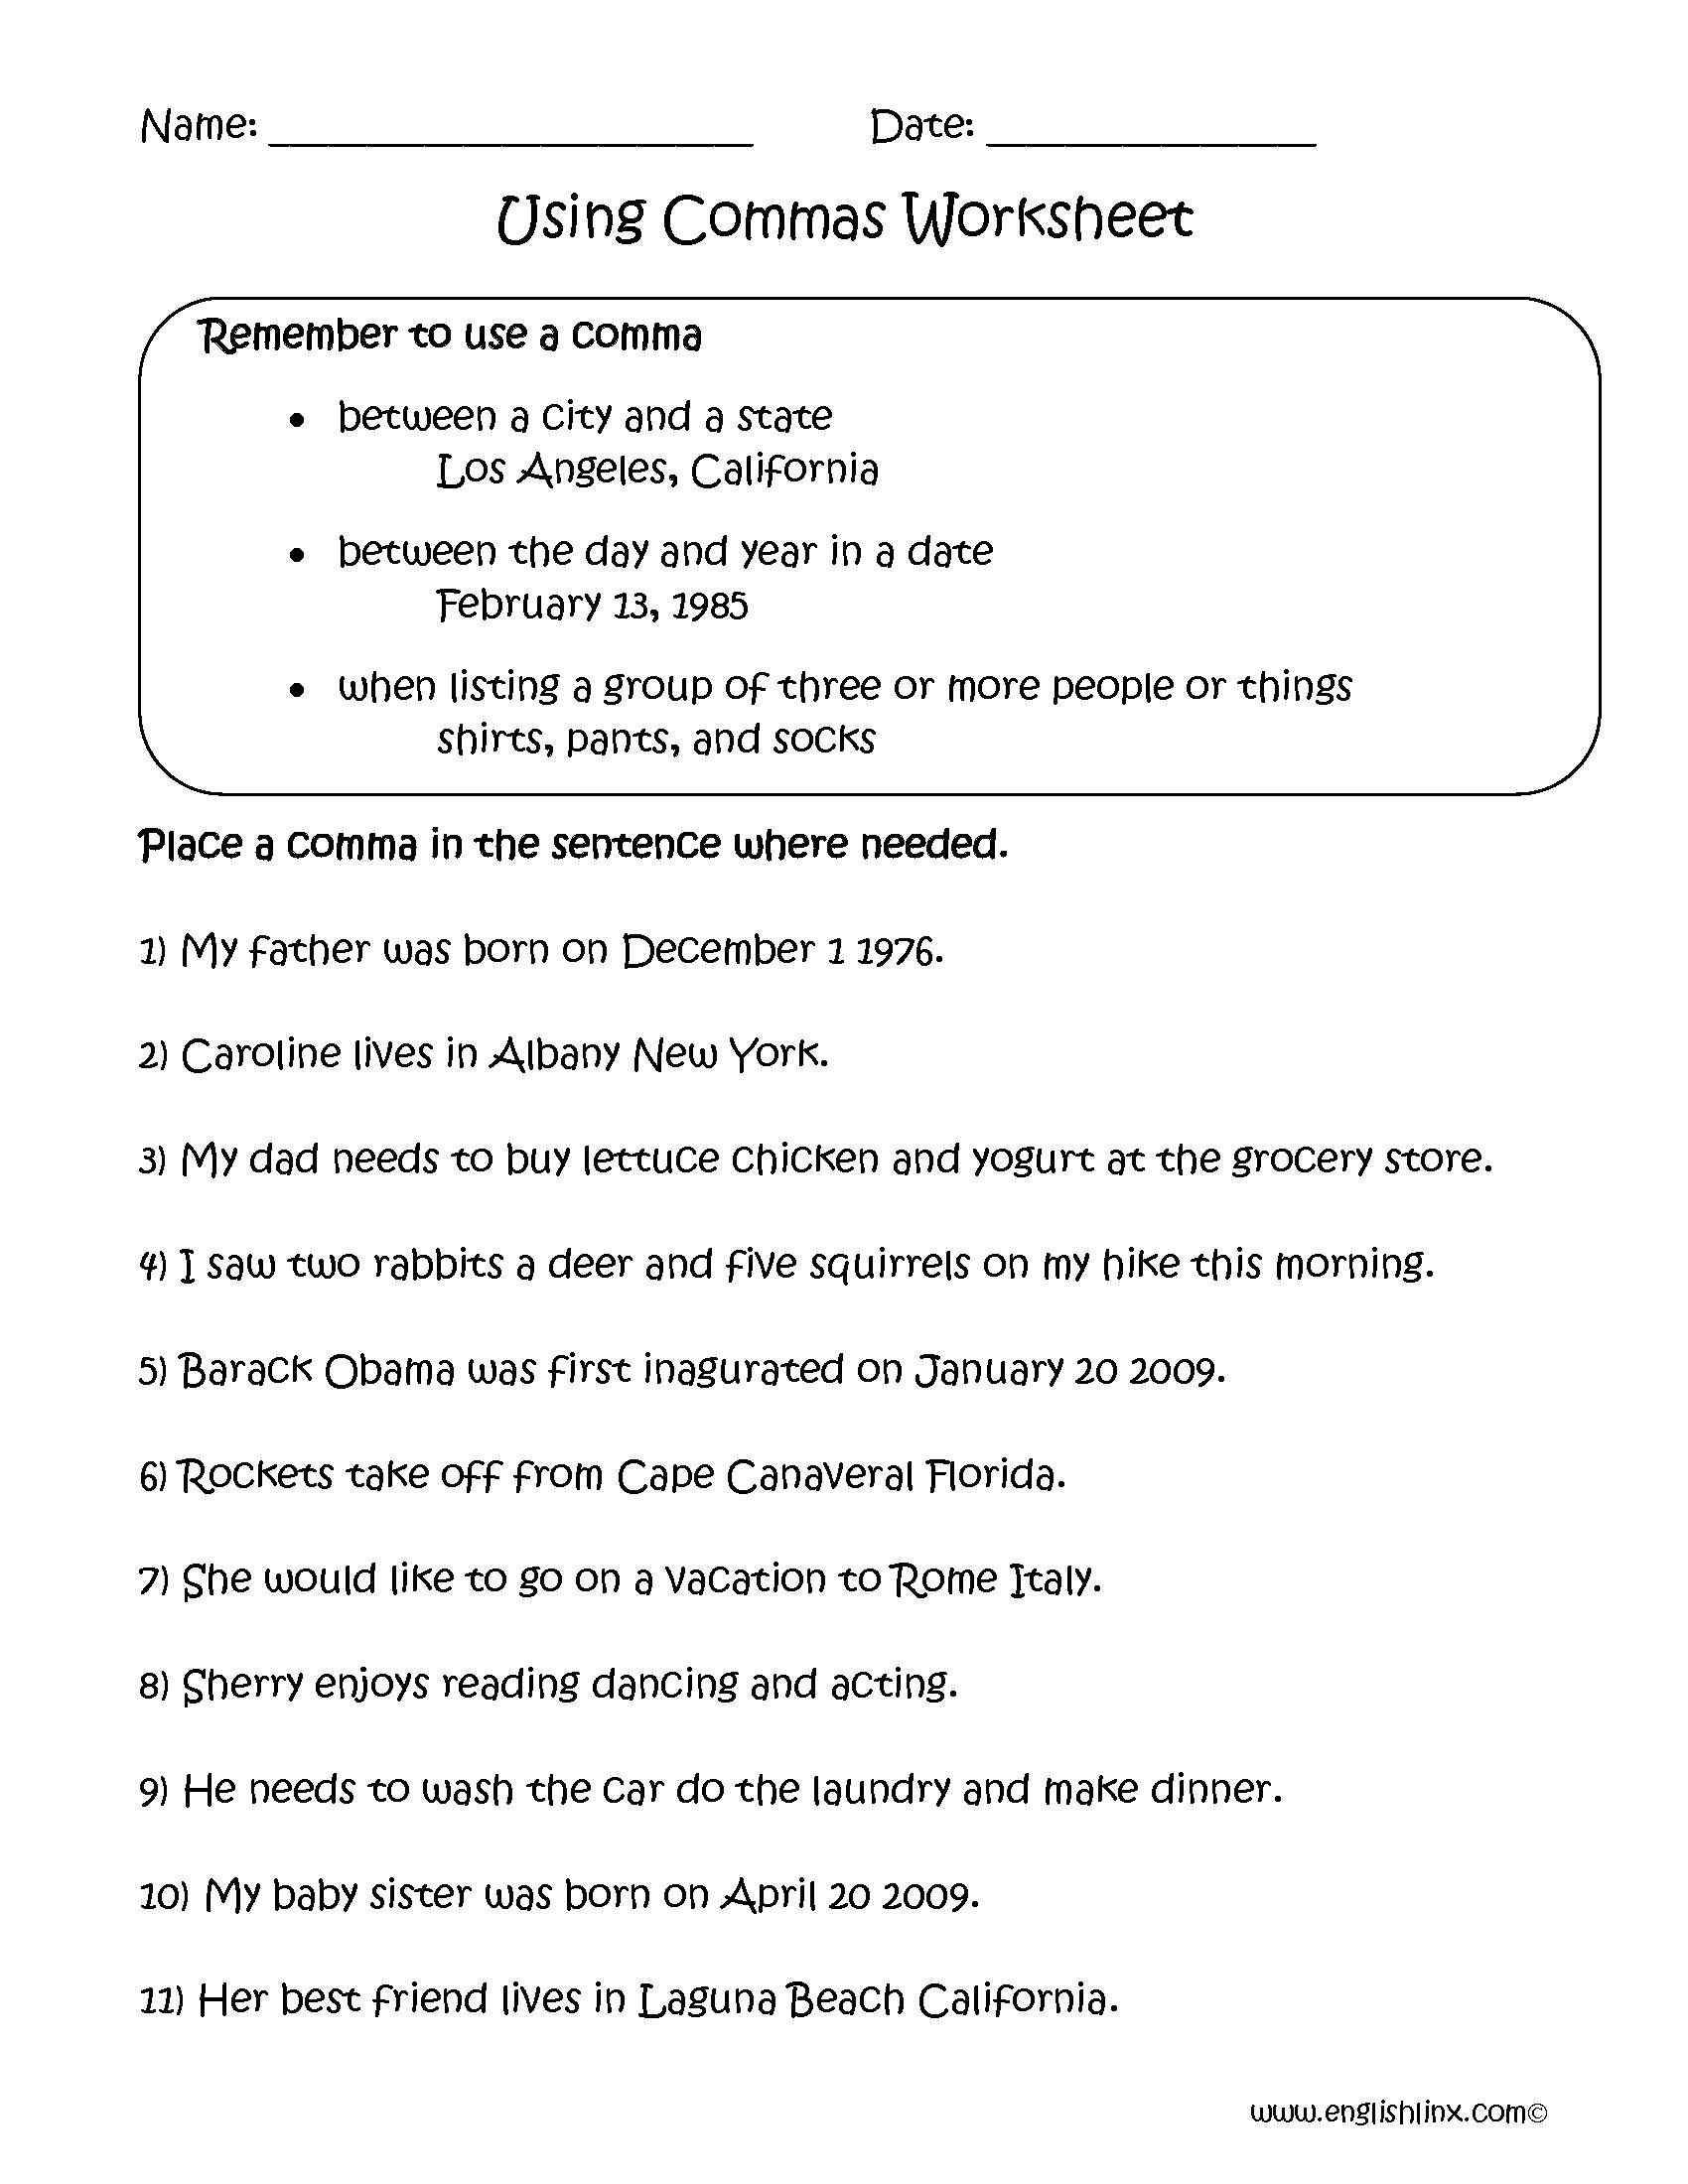 Free Opinion Worksheet